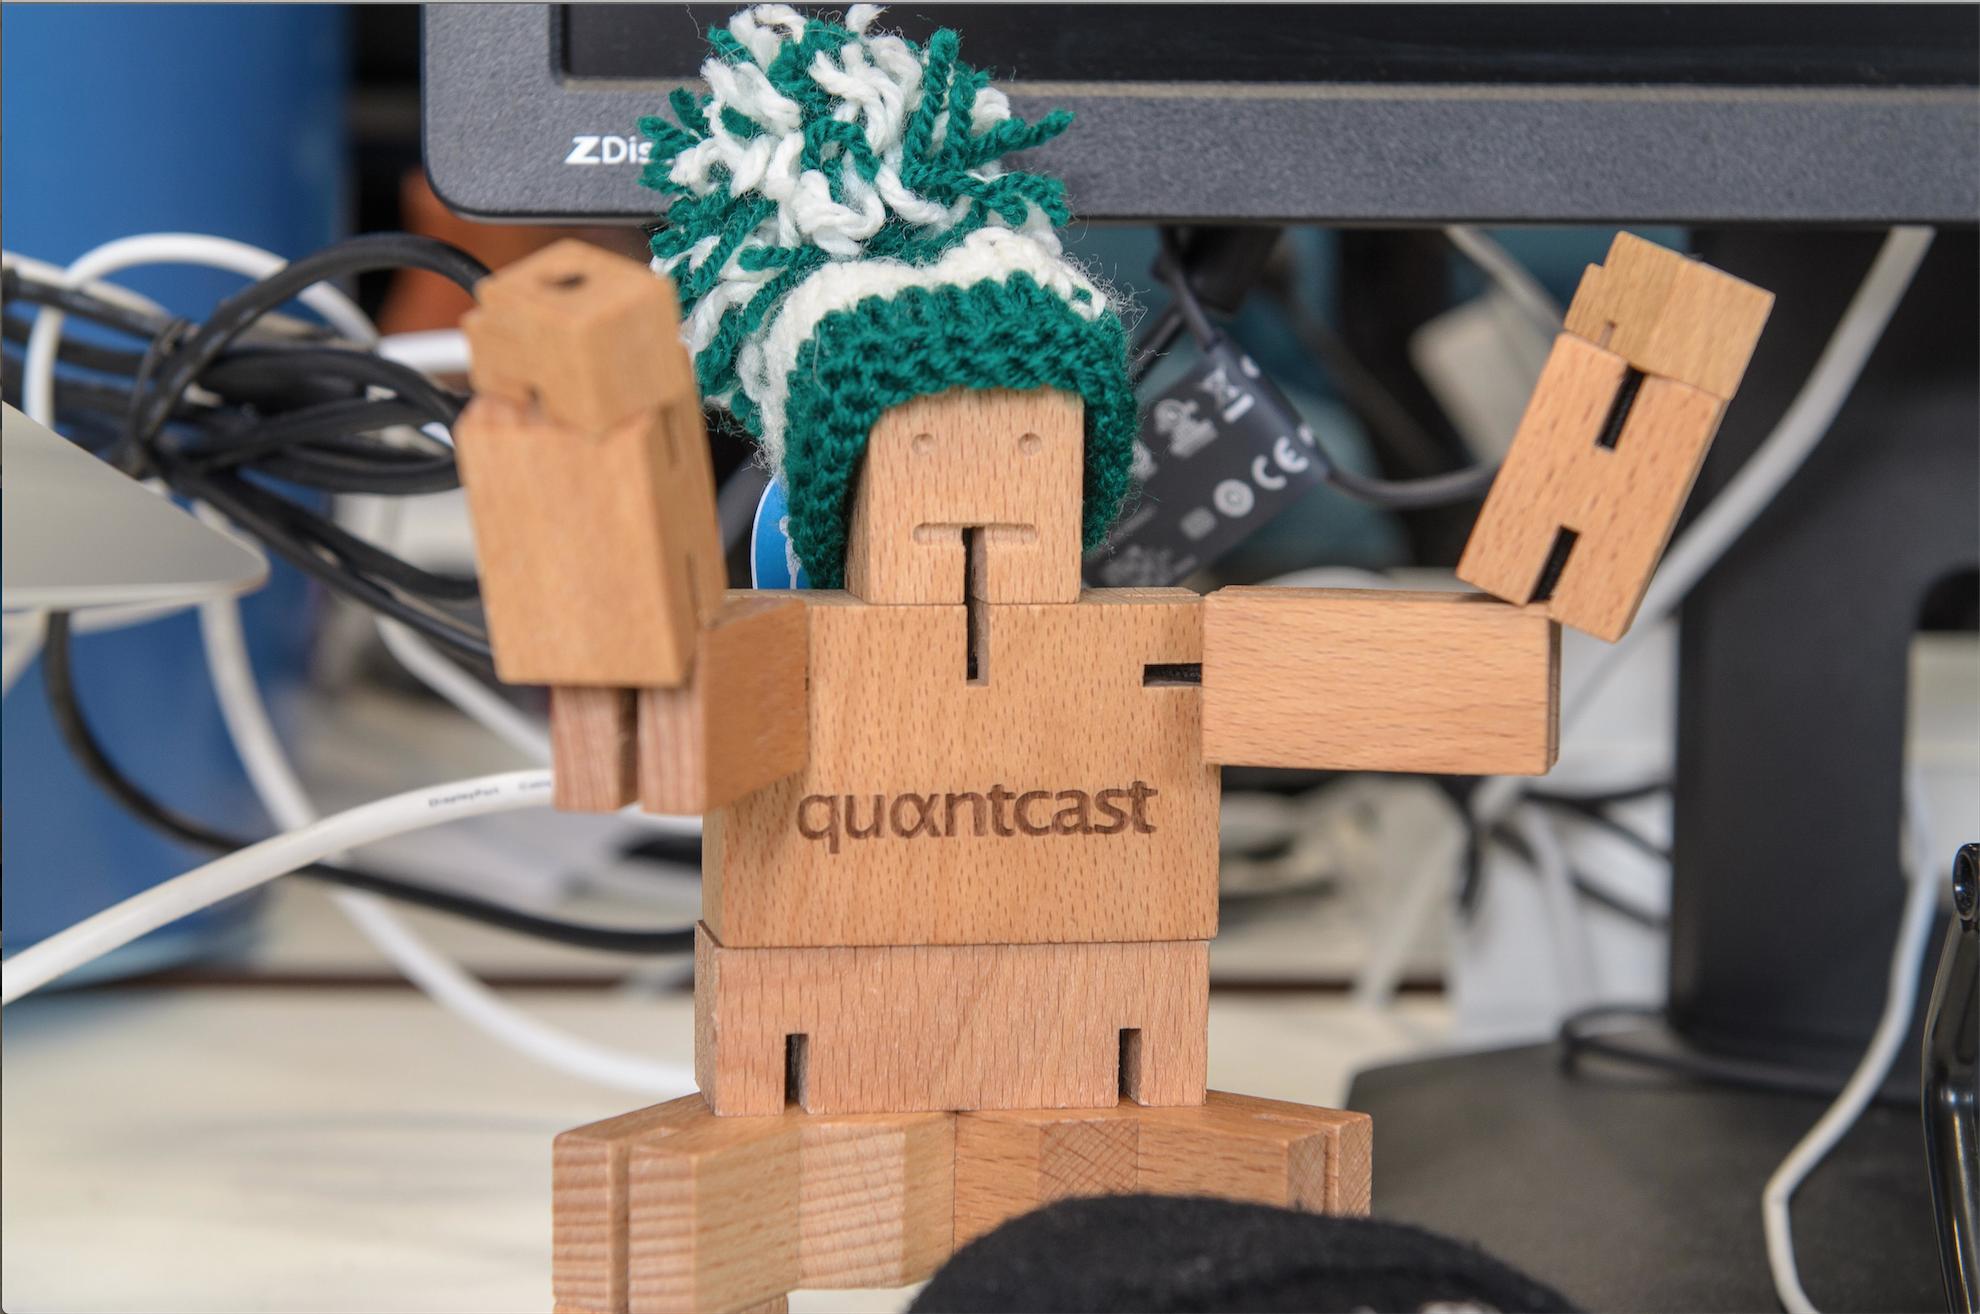 Quantcast stock options